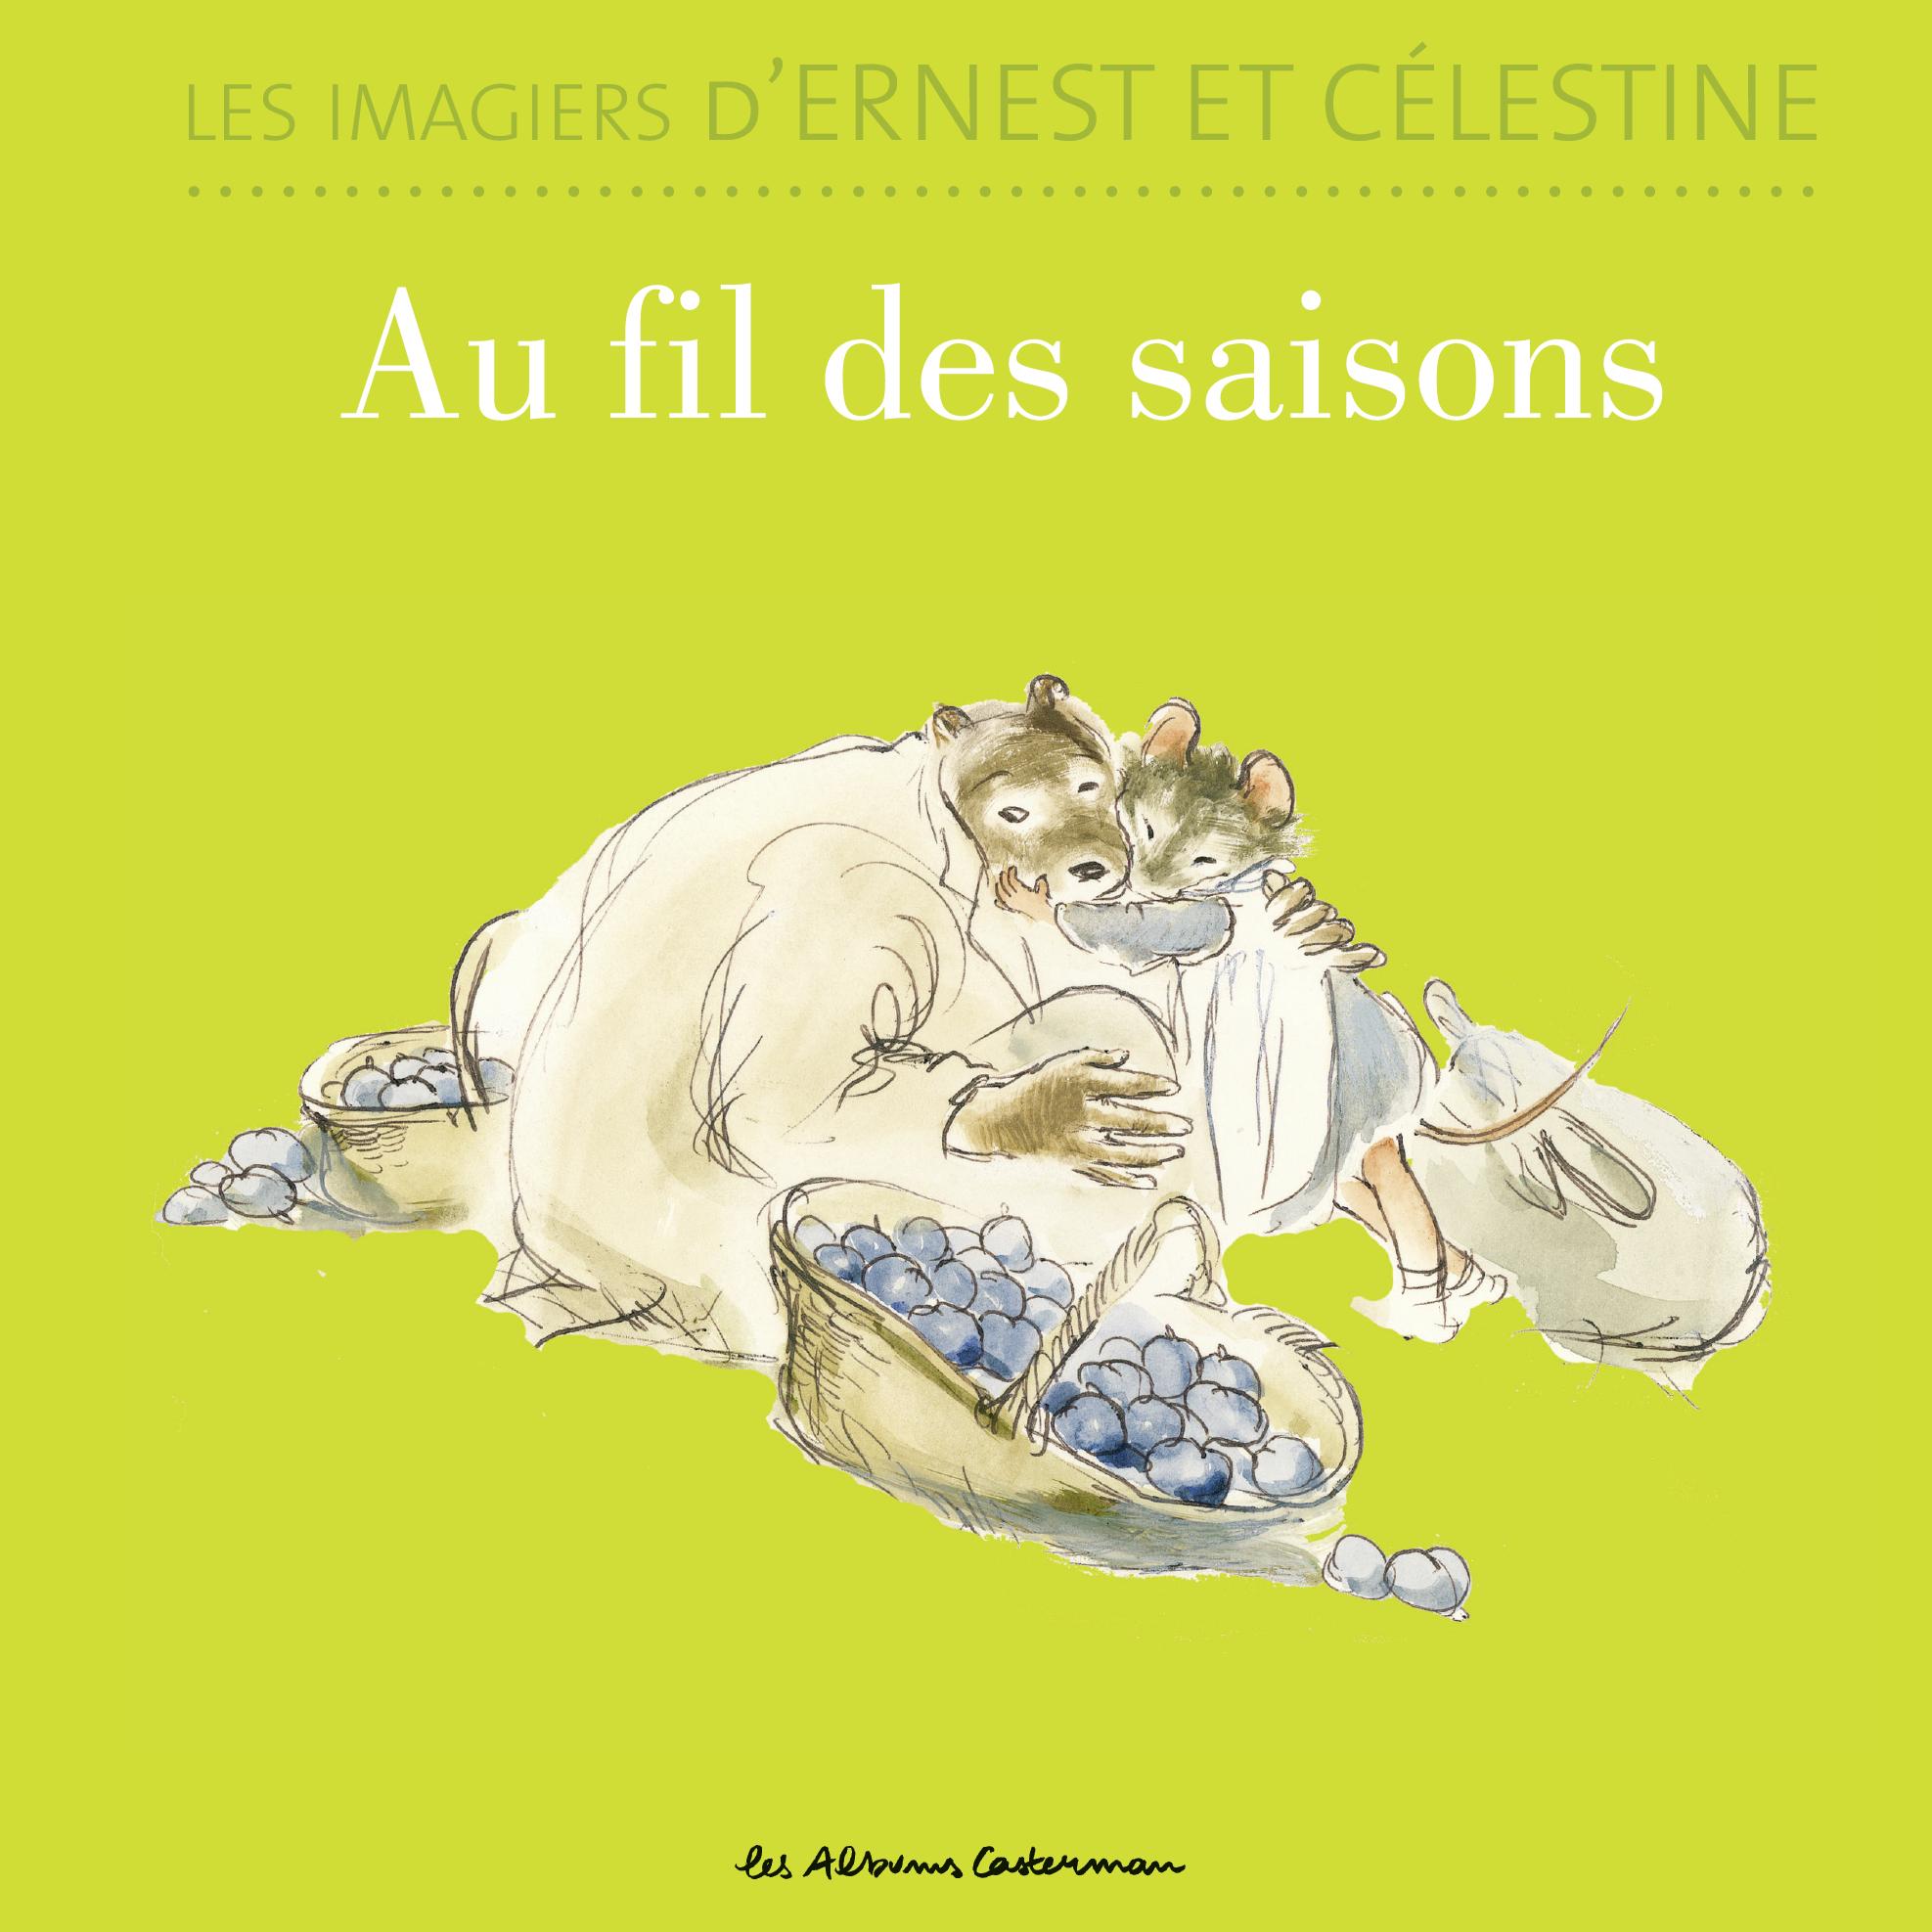 Les imagiers d'Ernest et Cé...